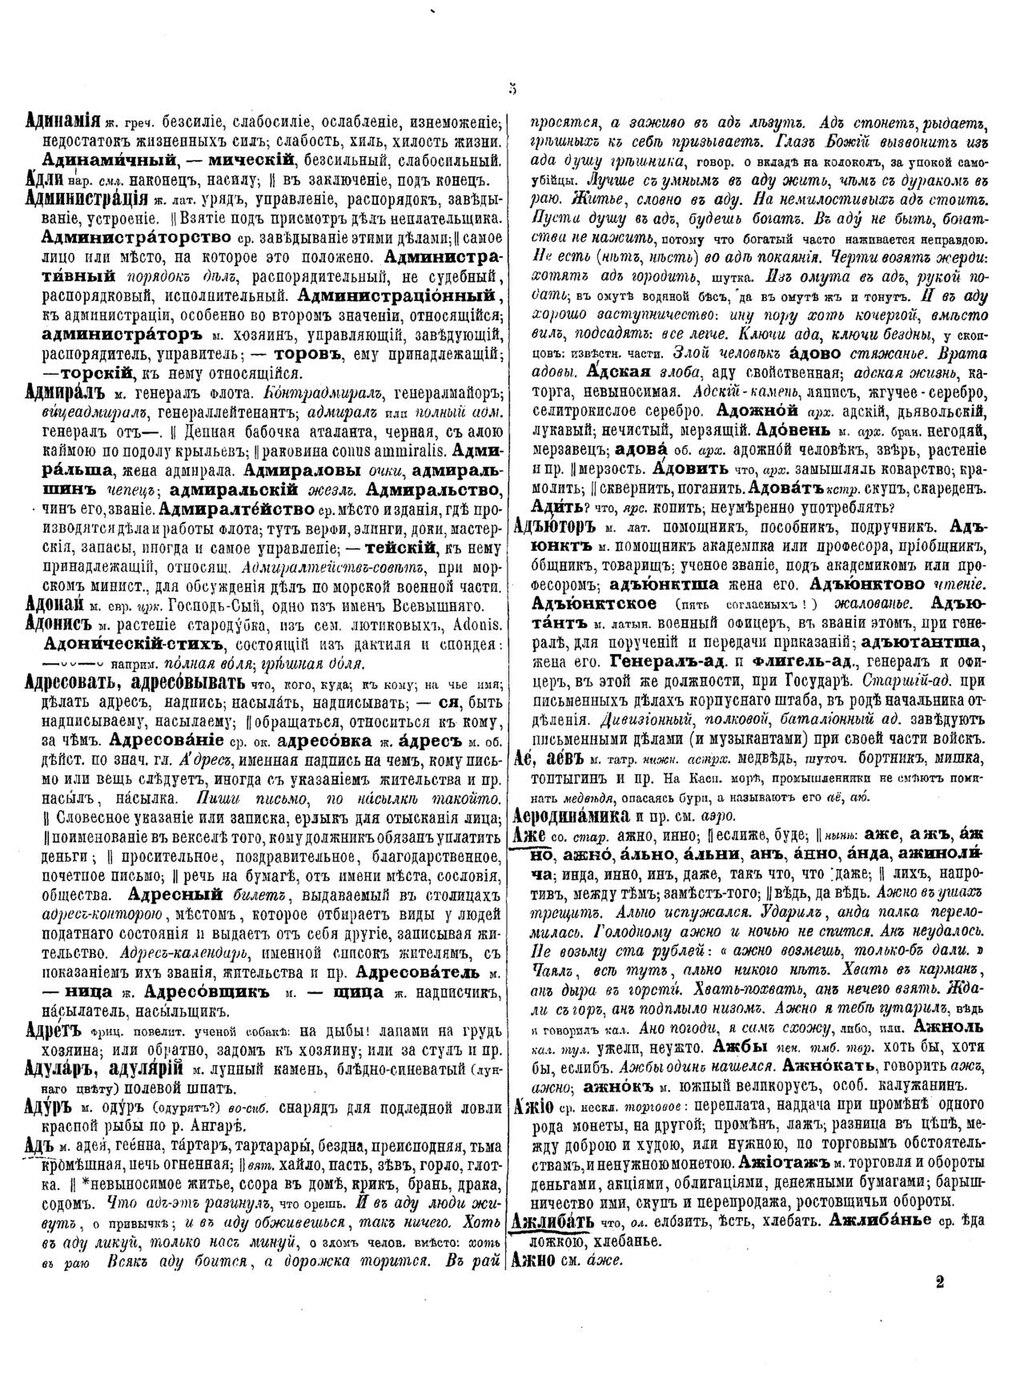 Скачать словарь даля pdf